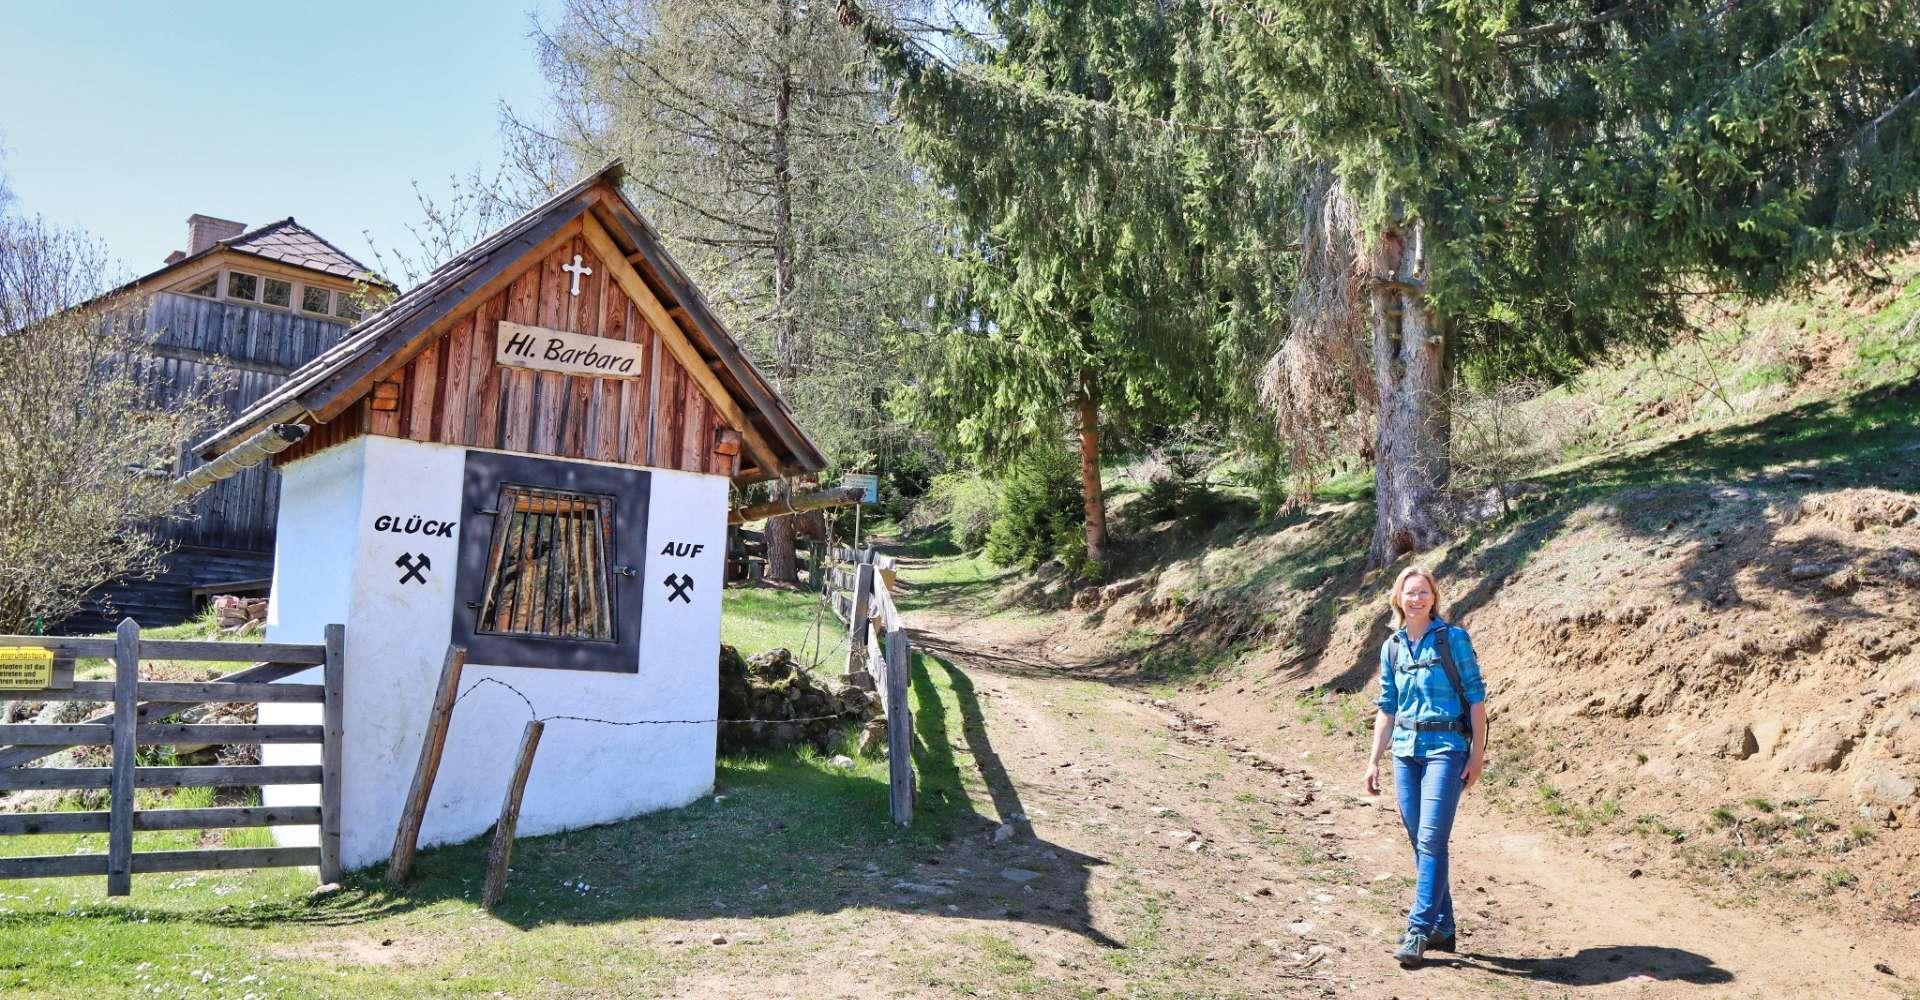 <p>Auf jeden Fall einen Abstecher wert - die Barbarakapelle in Fohnsdorf. </p> Copyright:WEGES OG